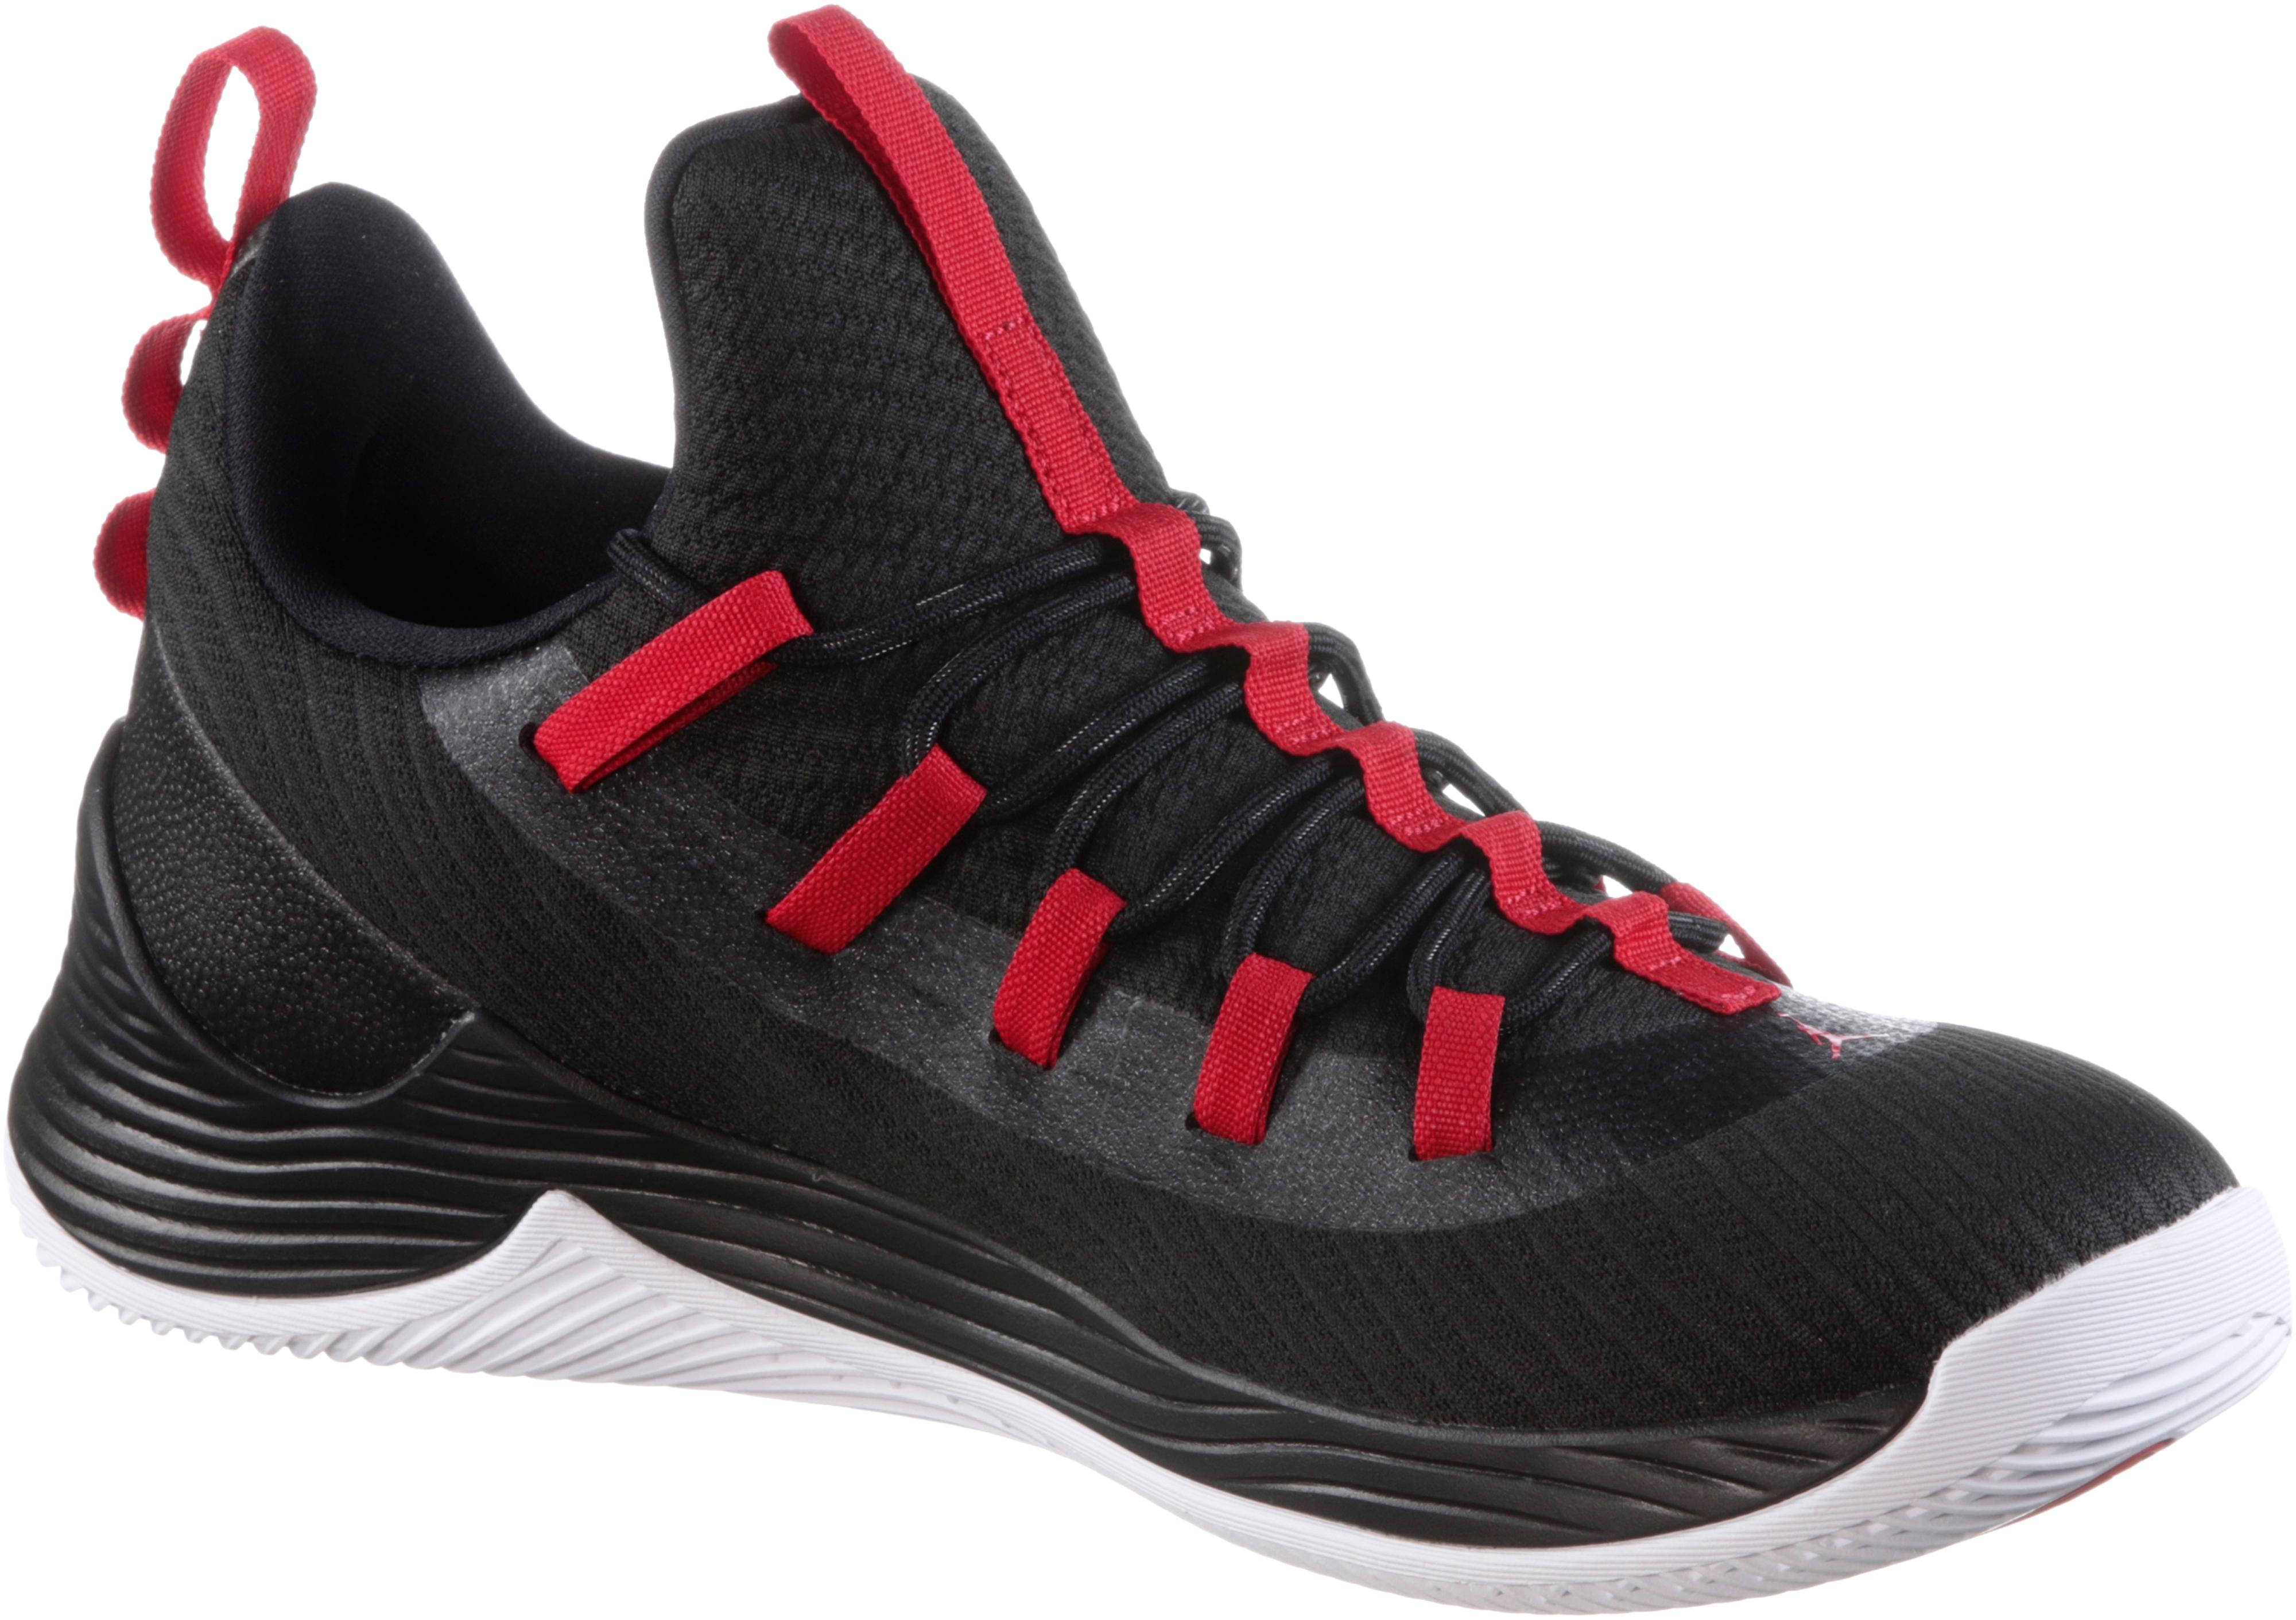 Nike Jordan Ultra Fly2 Sneaker Sneaker Sneaker Herren black-university red im Online Shop von SportScheck kaufen Gute Qualität beliebte Schuhe 632c19